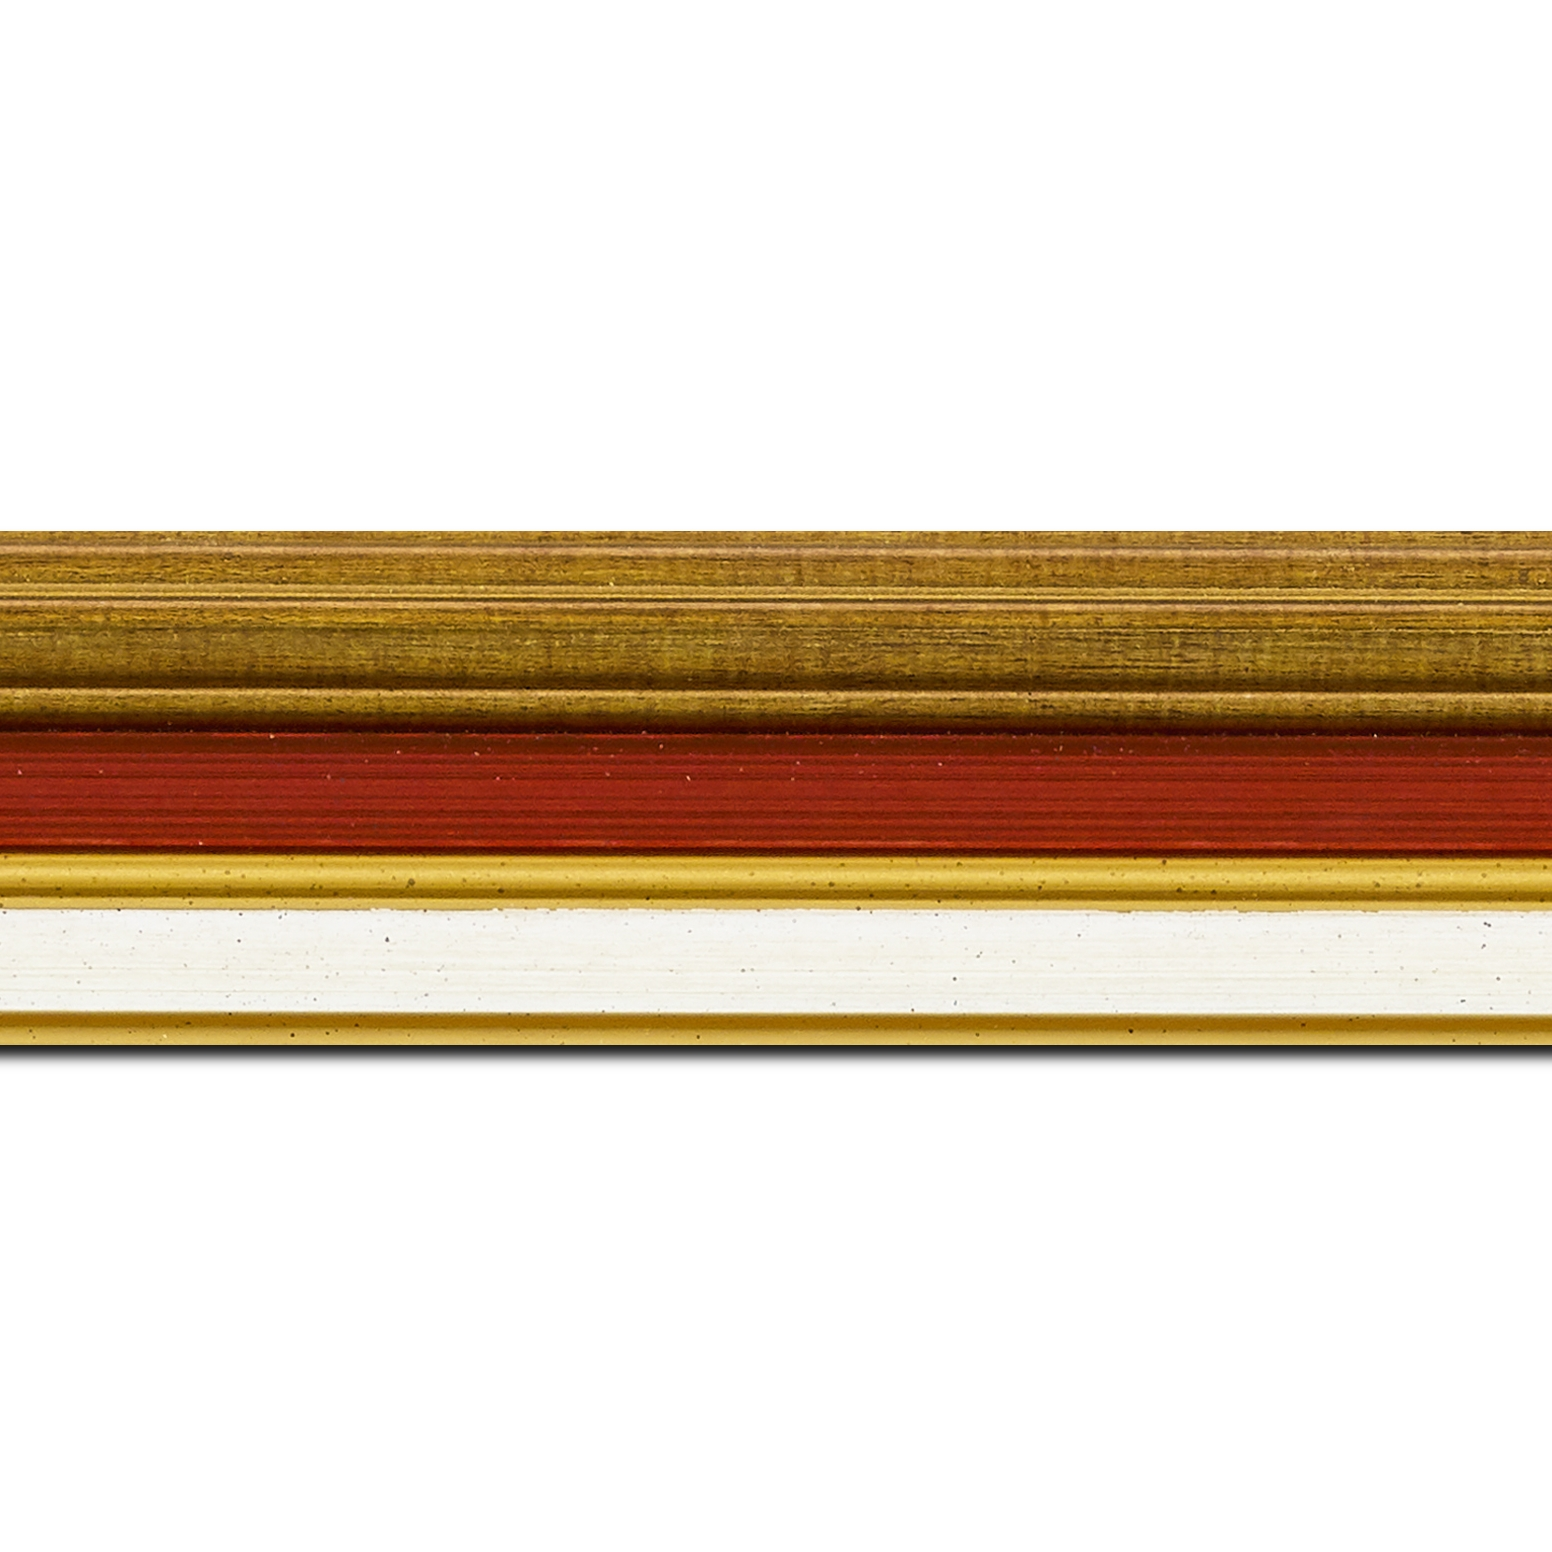 Baguette longueur 1.40m bois largeur 5.2cm or gorge bordeaux  marie louise crème filet or intégrée